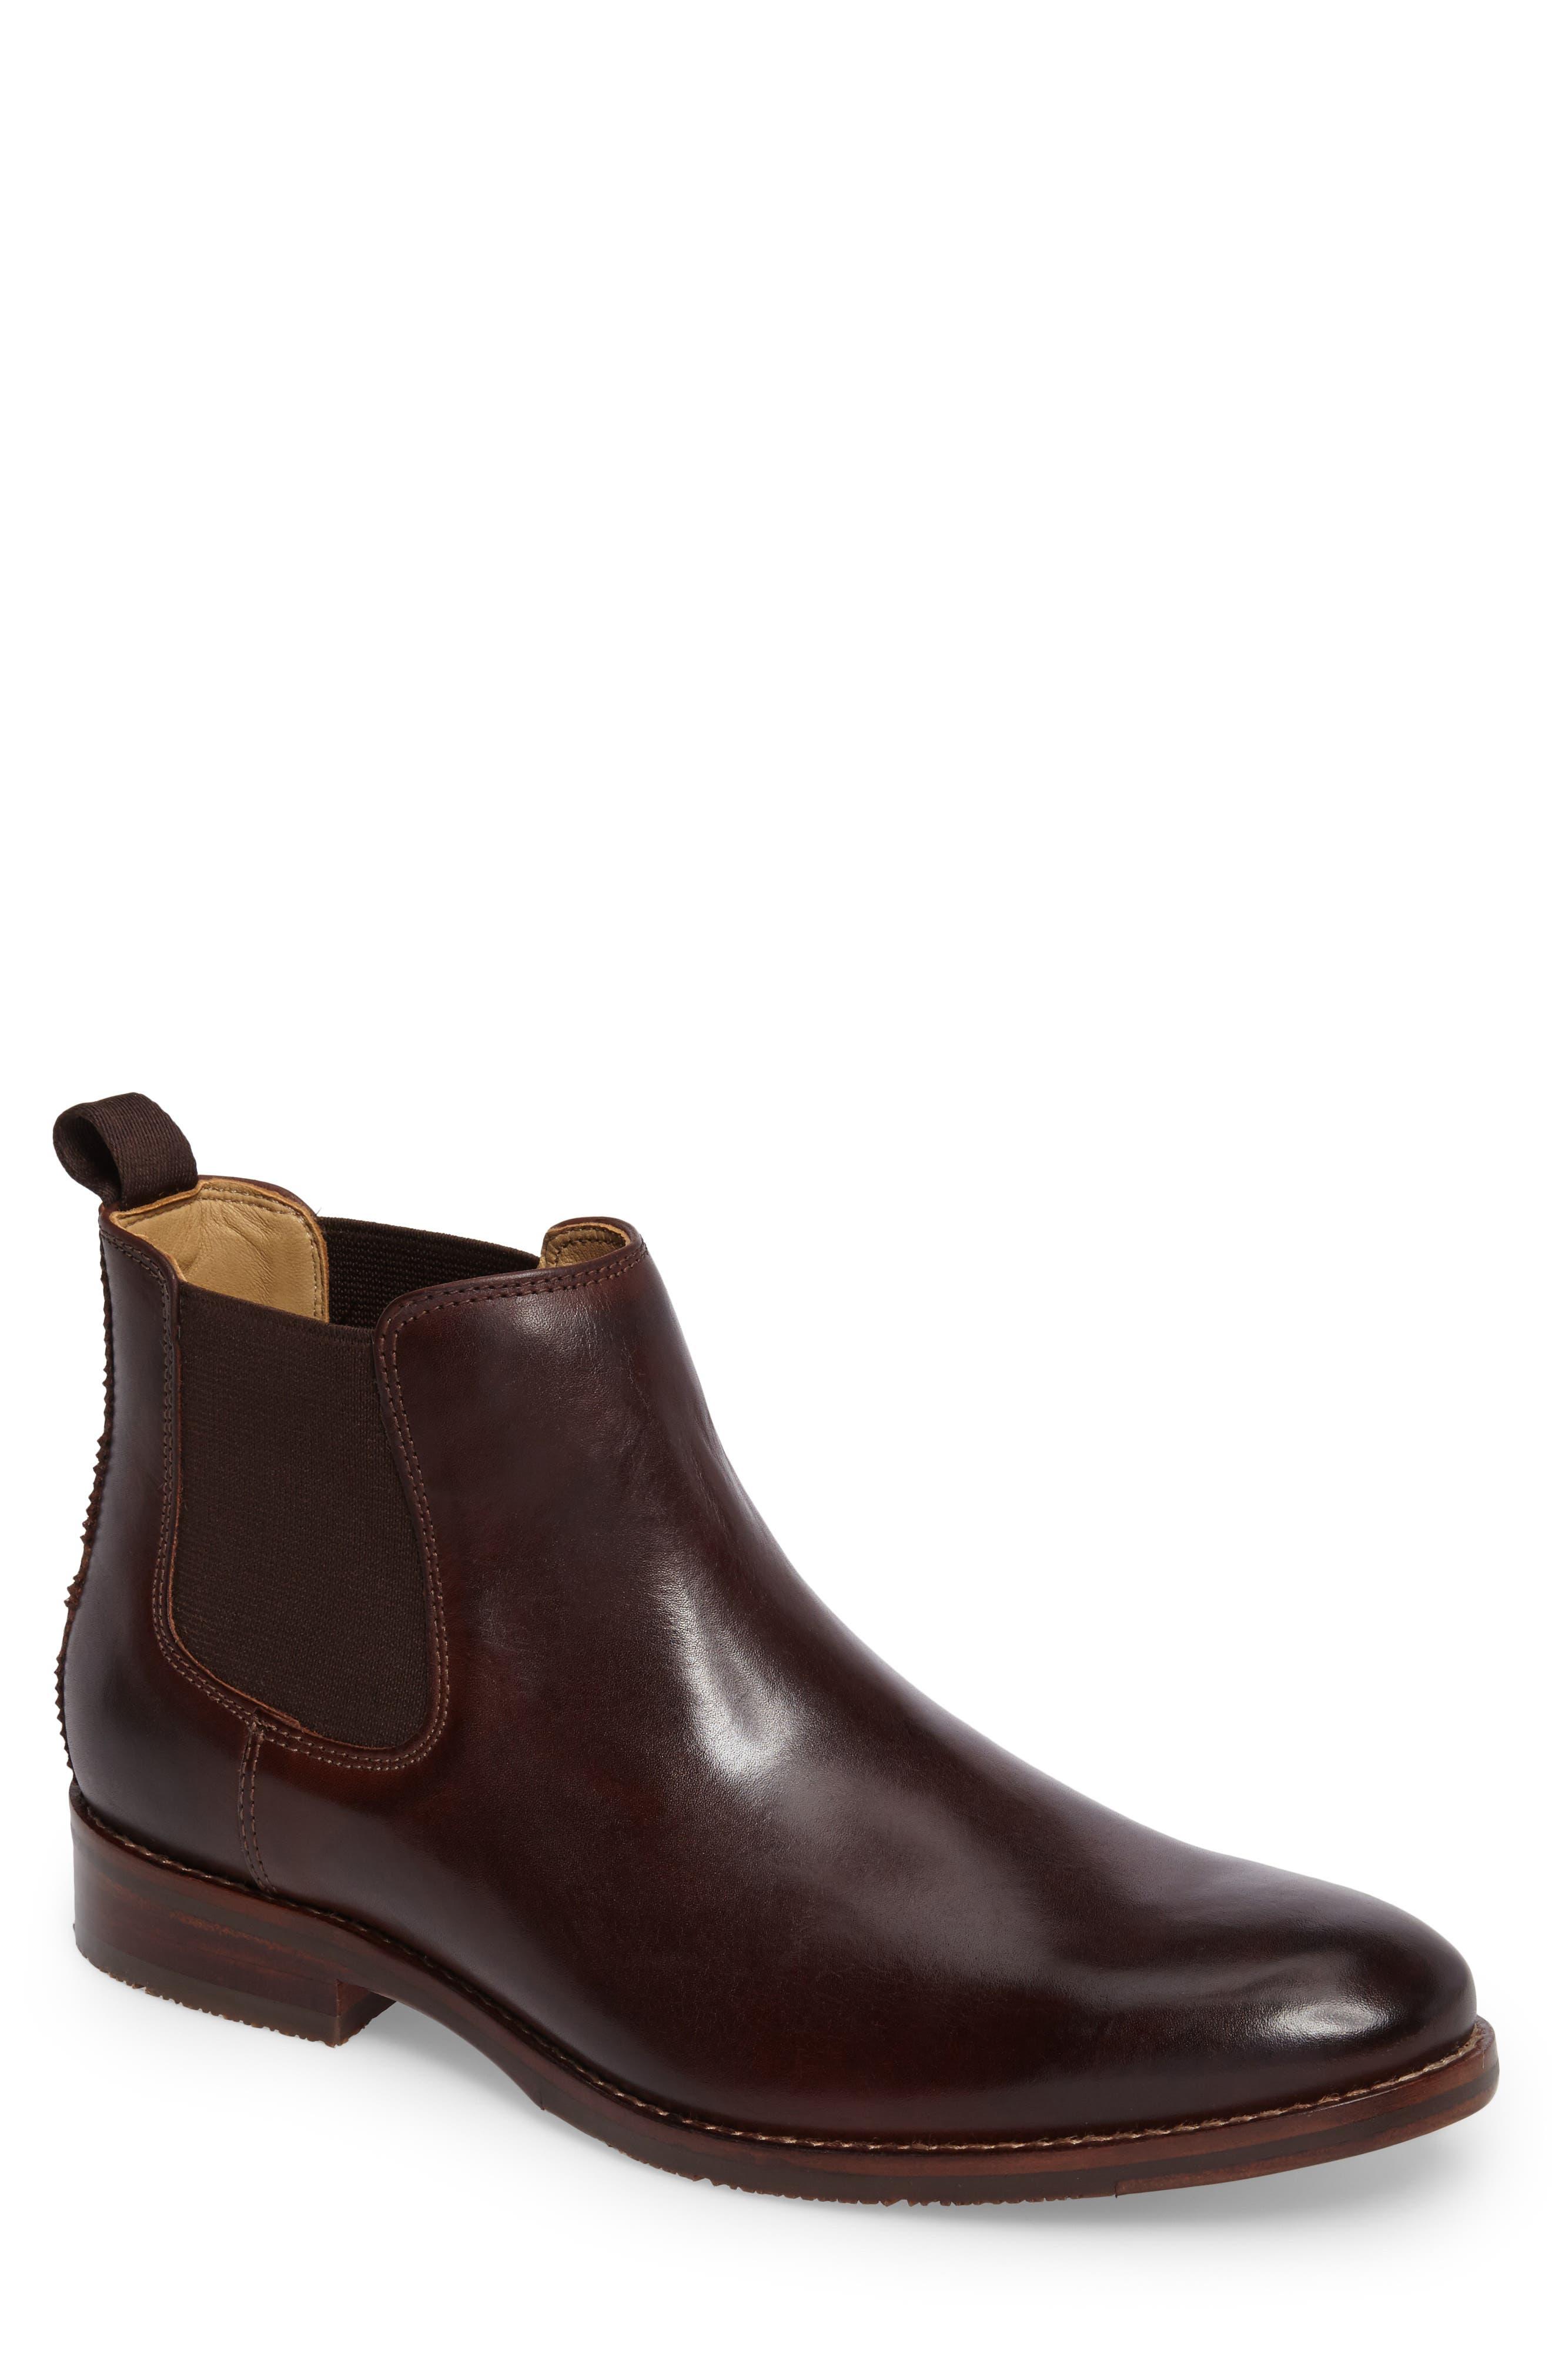 Garner Chelsea Boot,                             Main thumbnail 2, color,